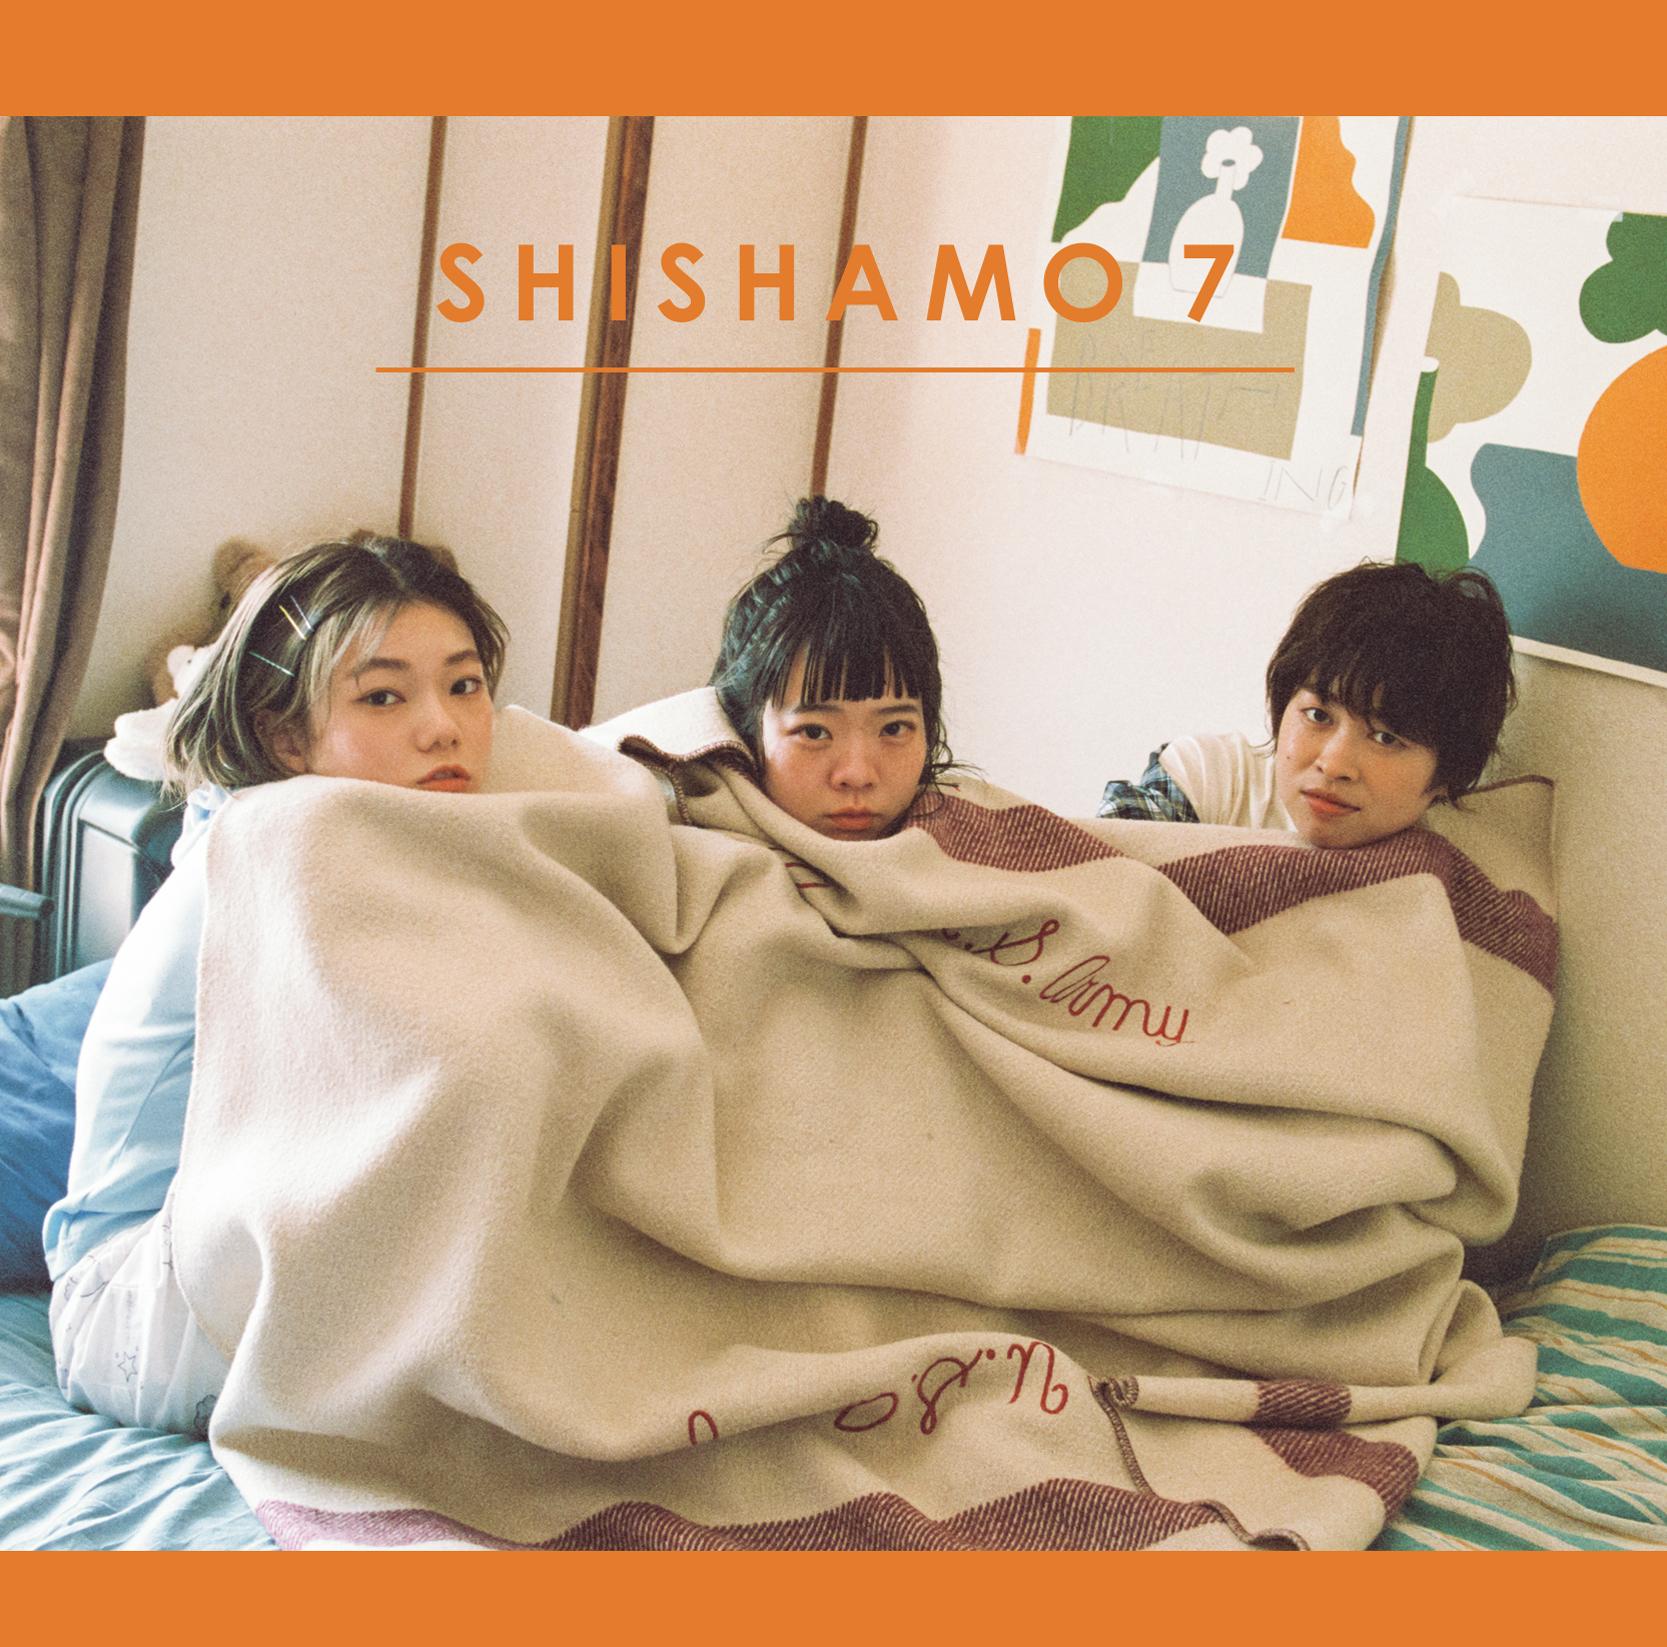 『SHISHAMO 7』ジャケット